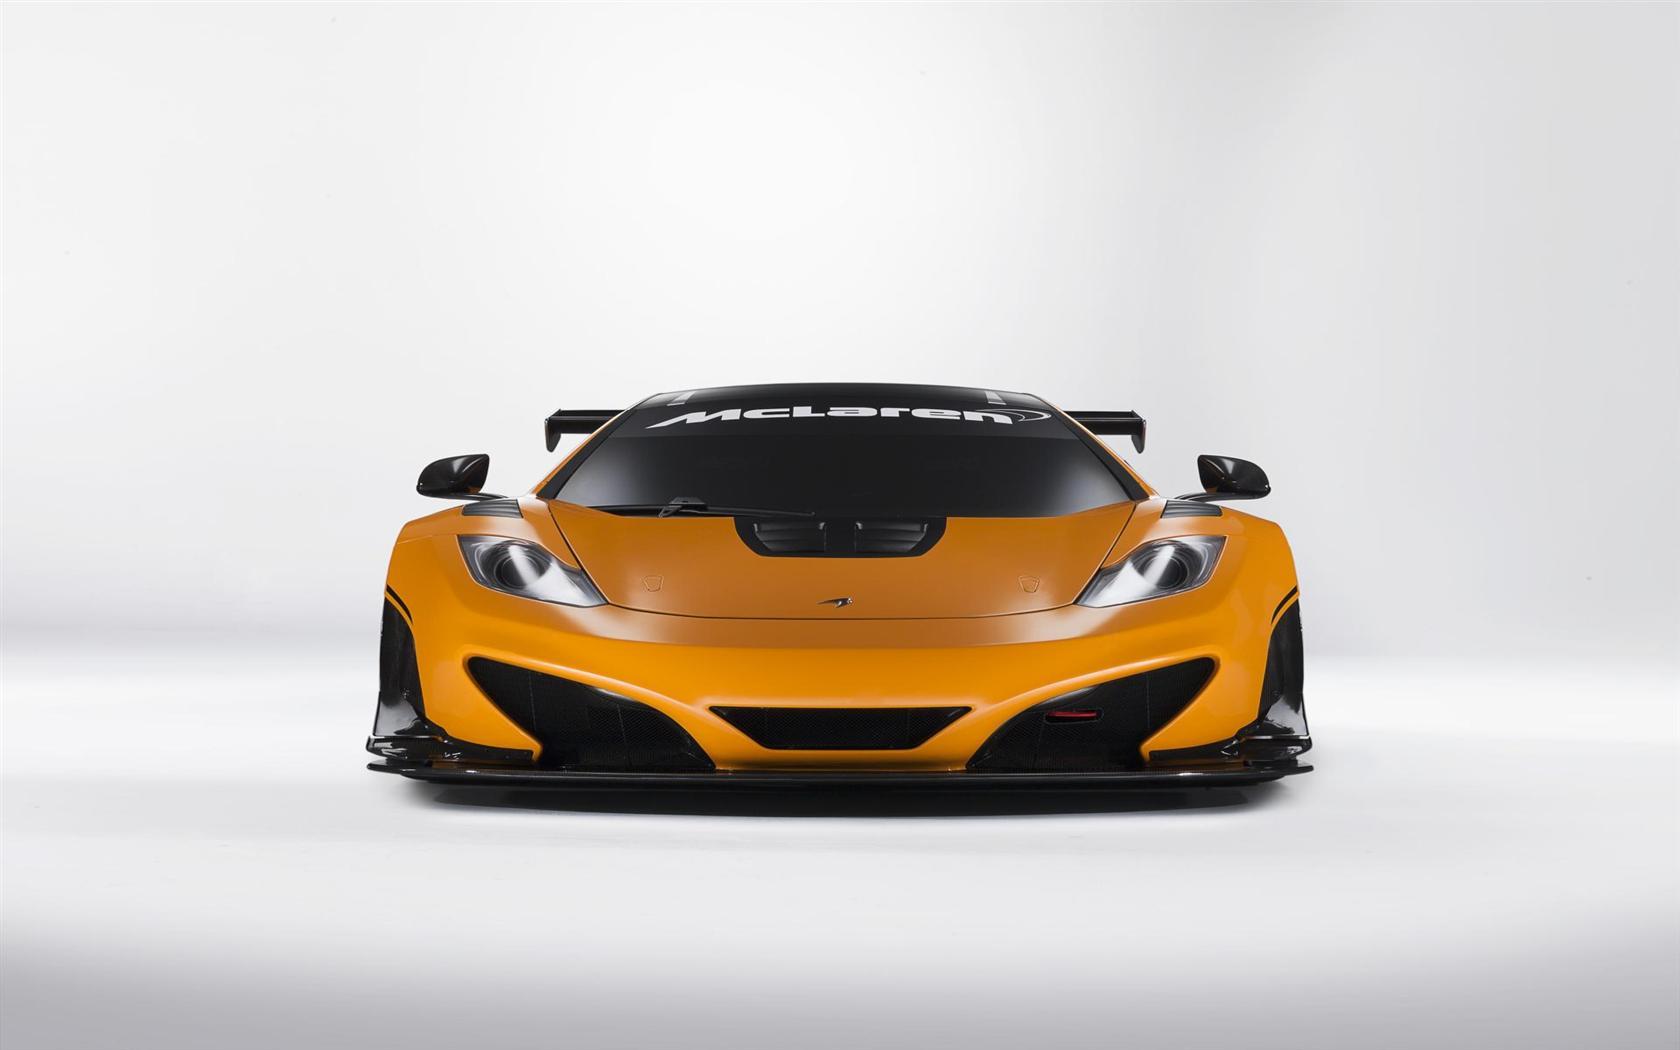 2013 McLaren MP4